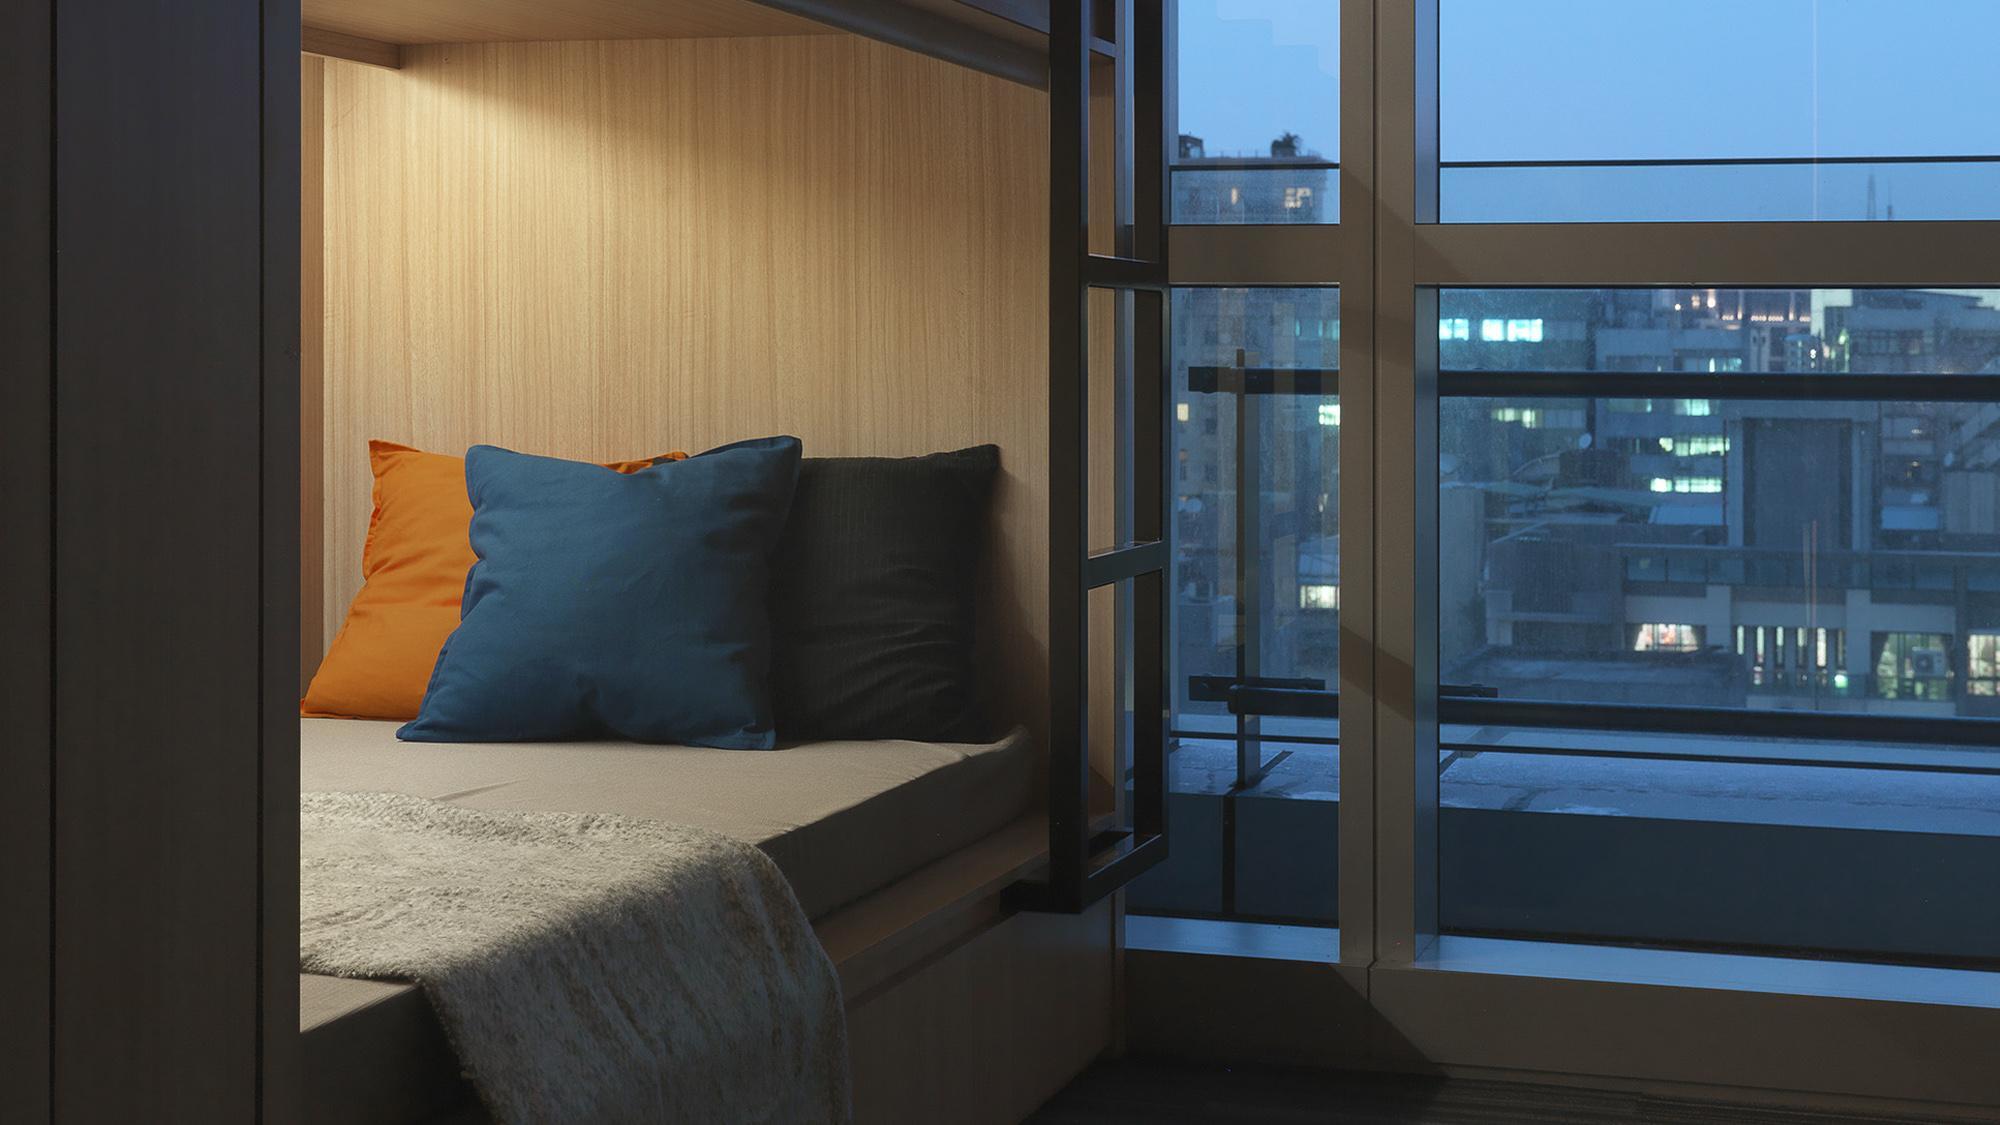 商空設計 - 街口支付-休息室